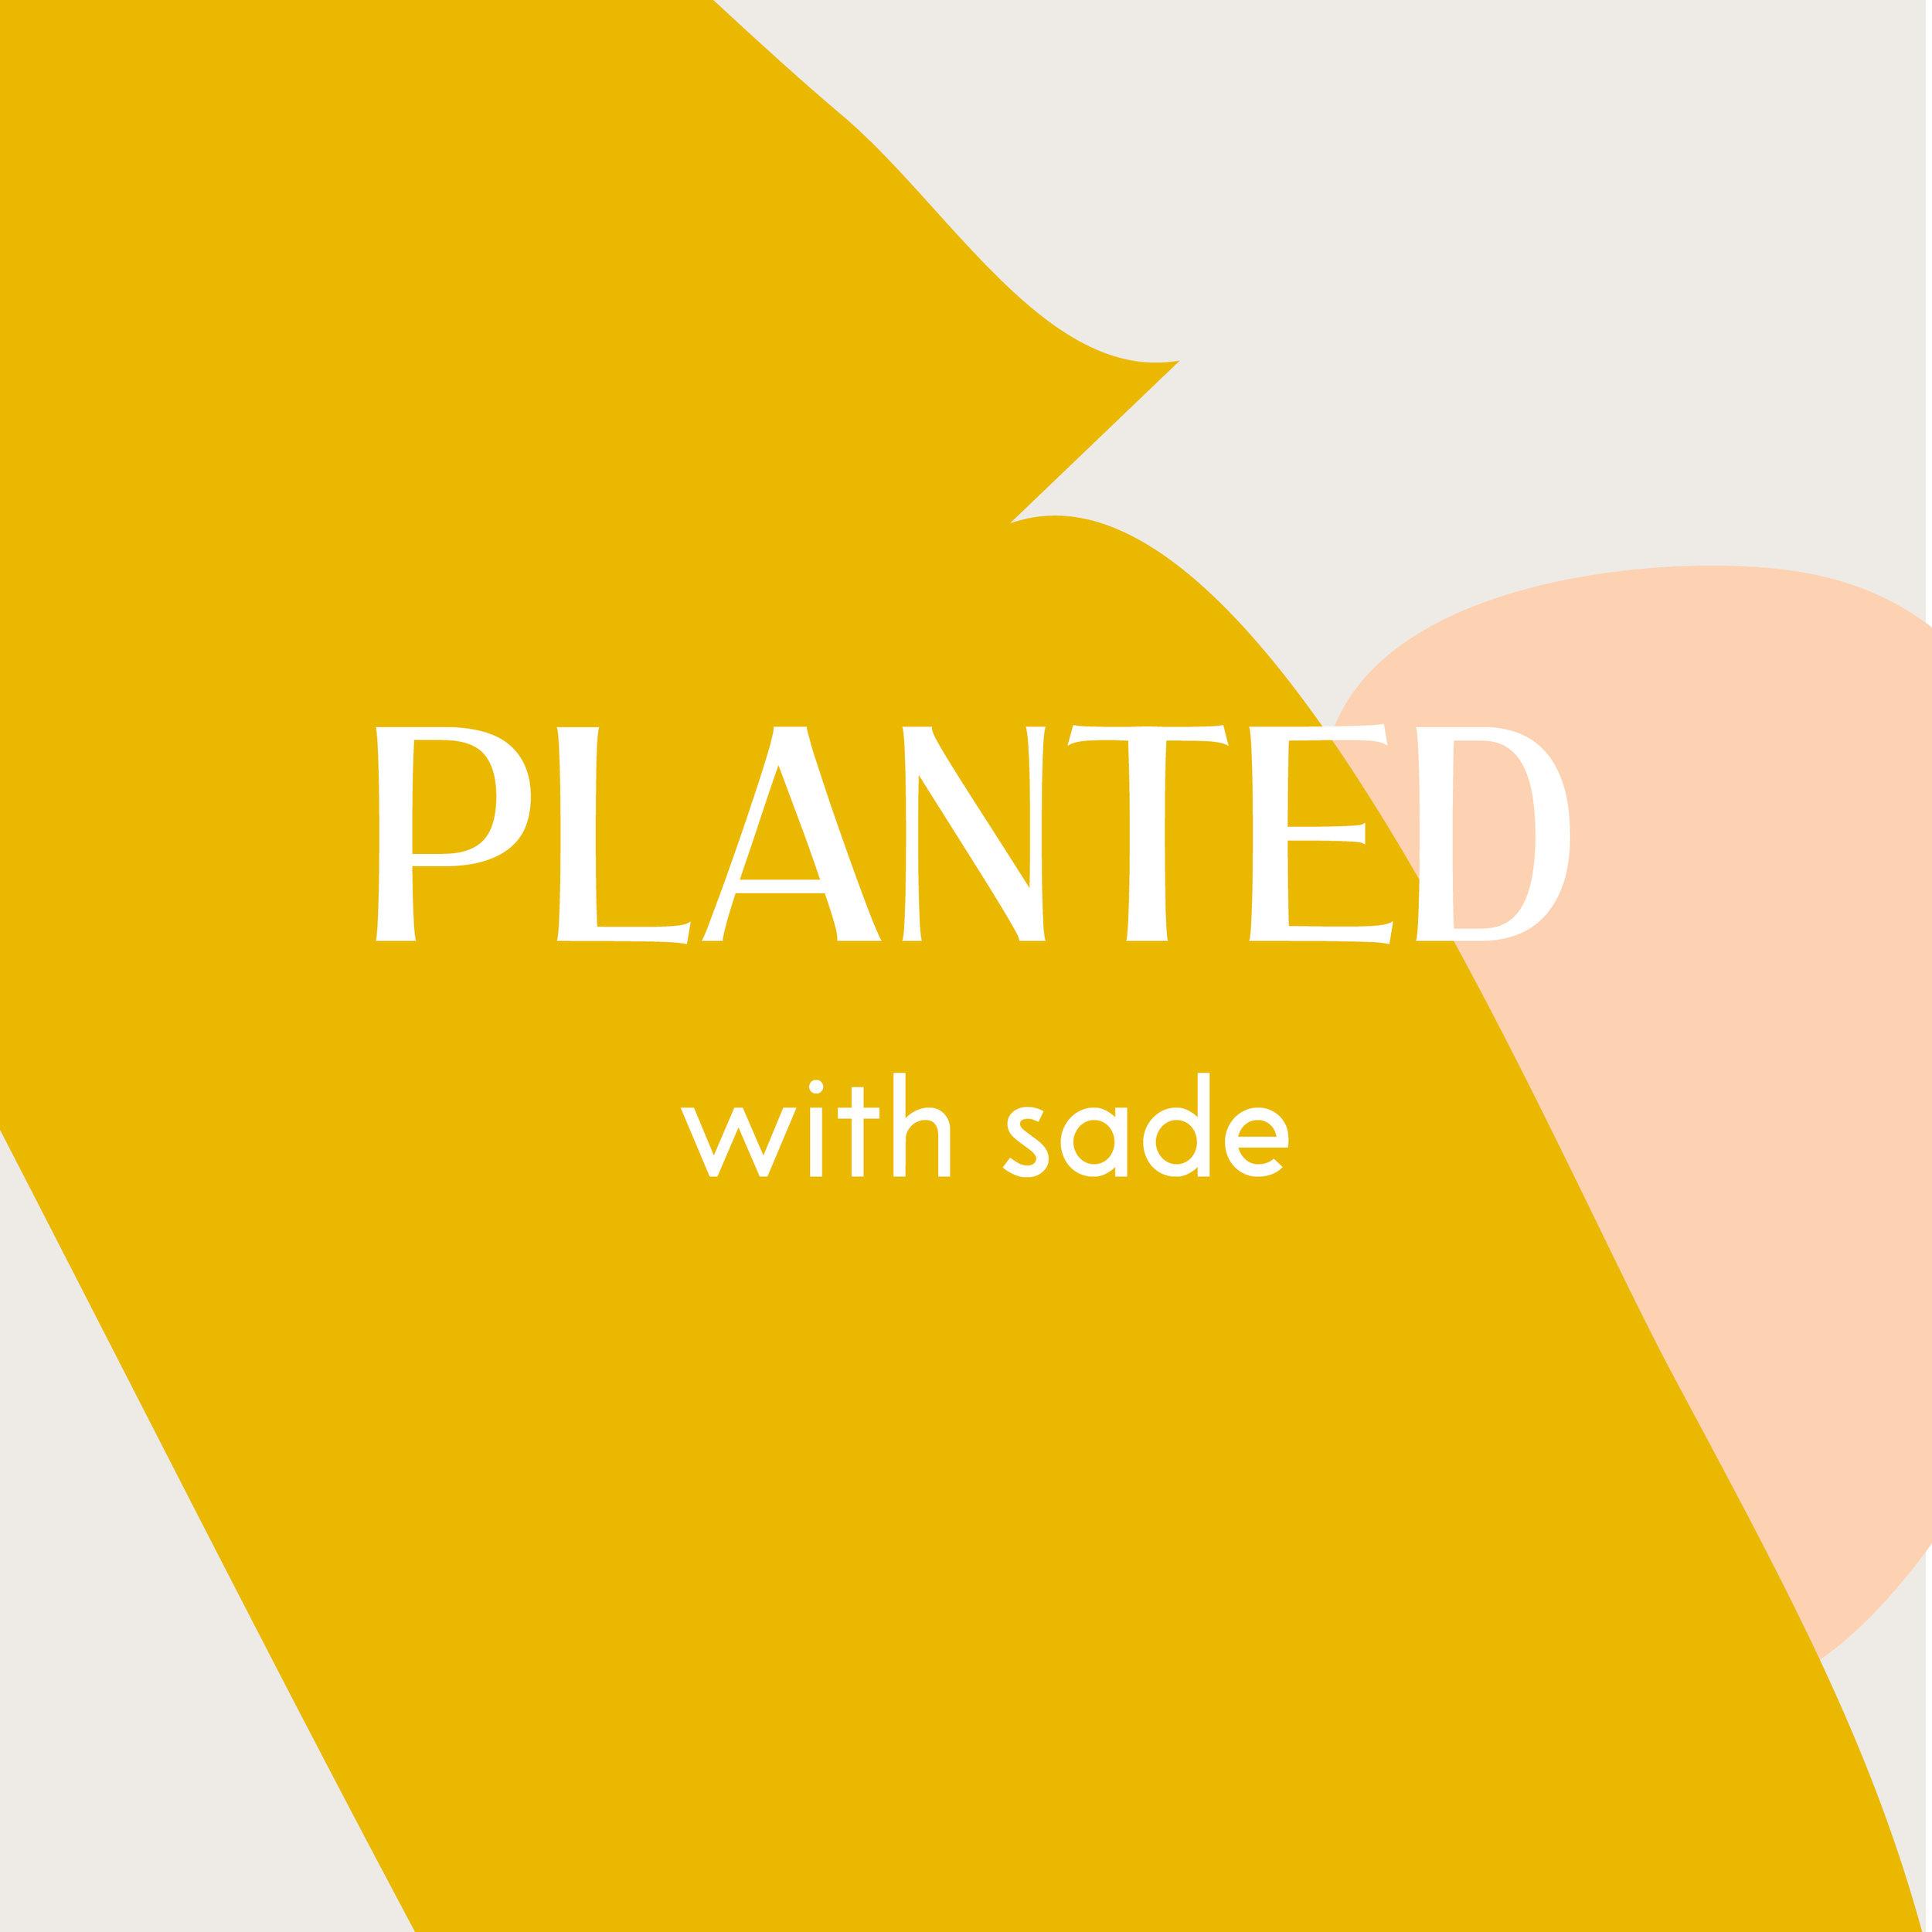 Planted Thumb.jpg